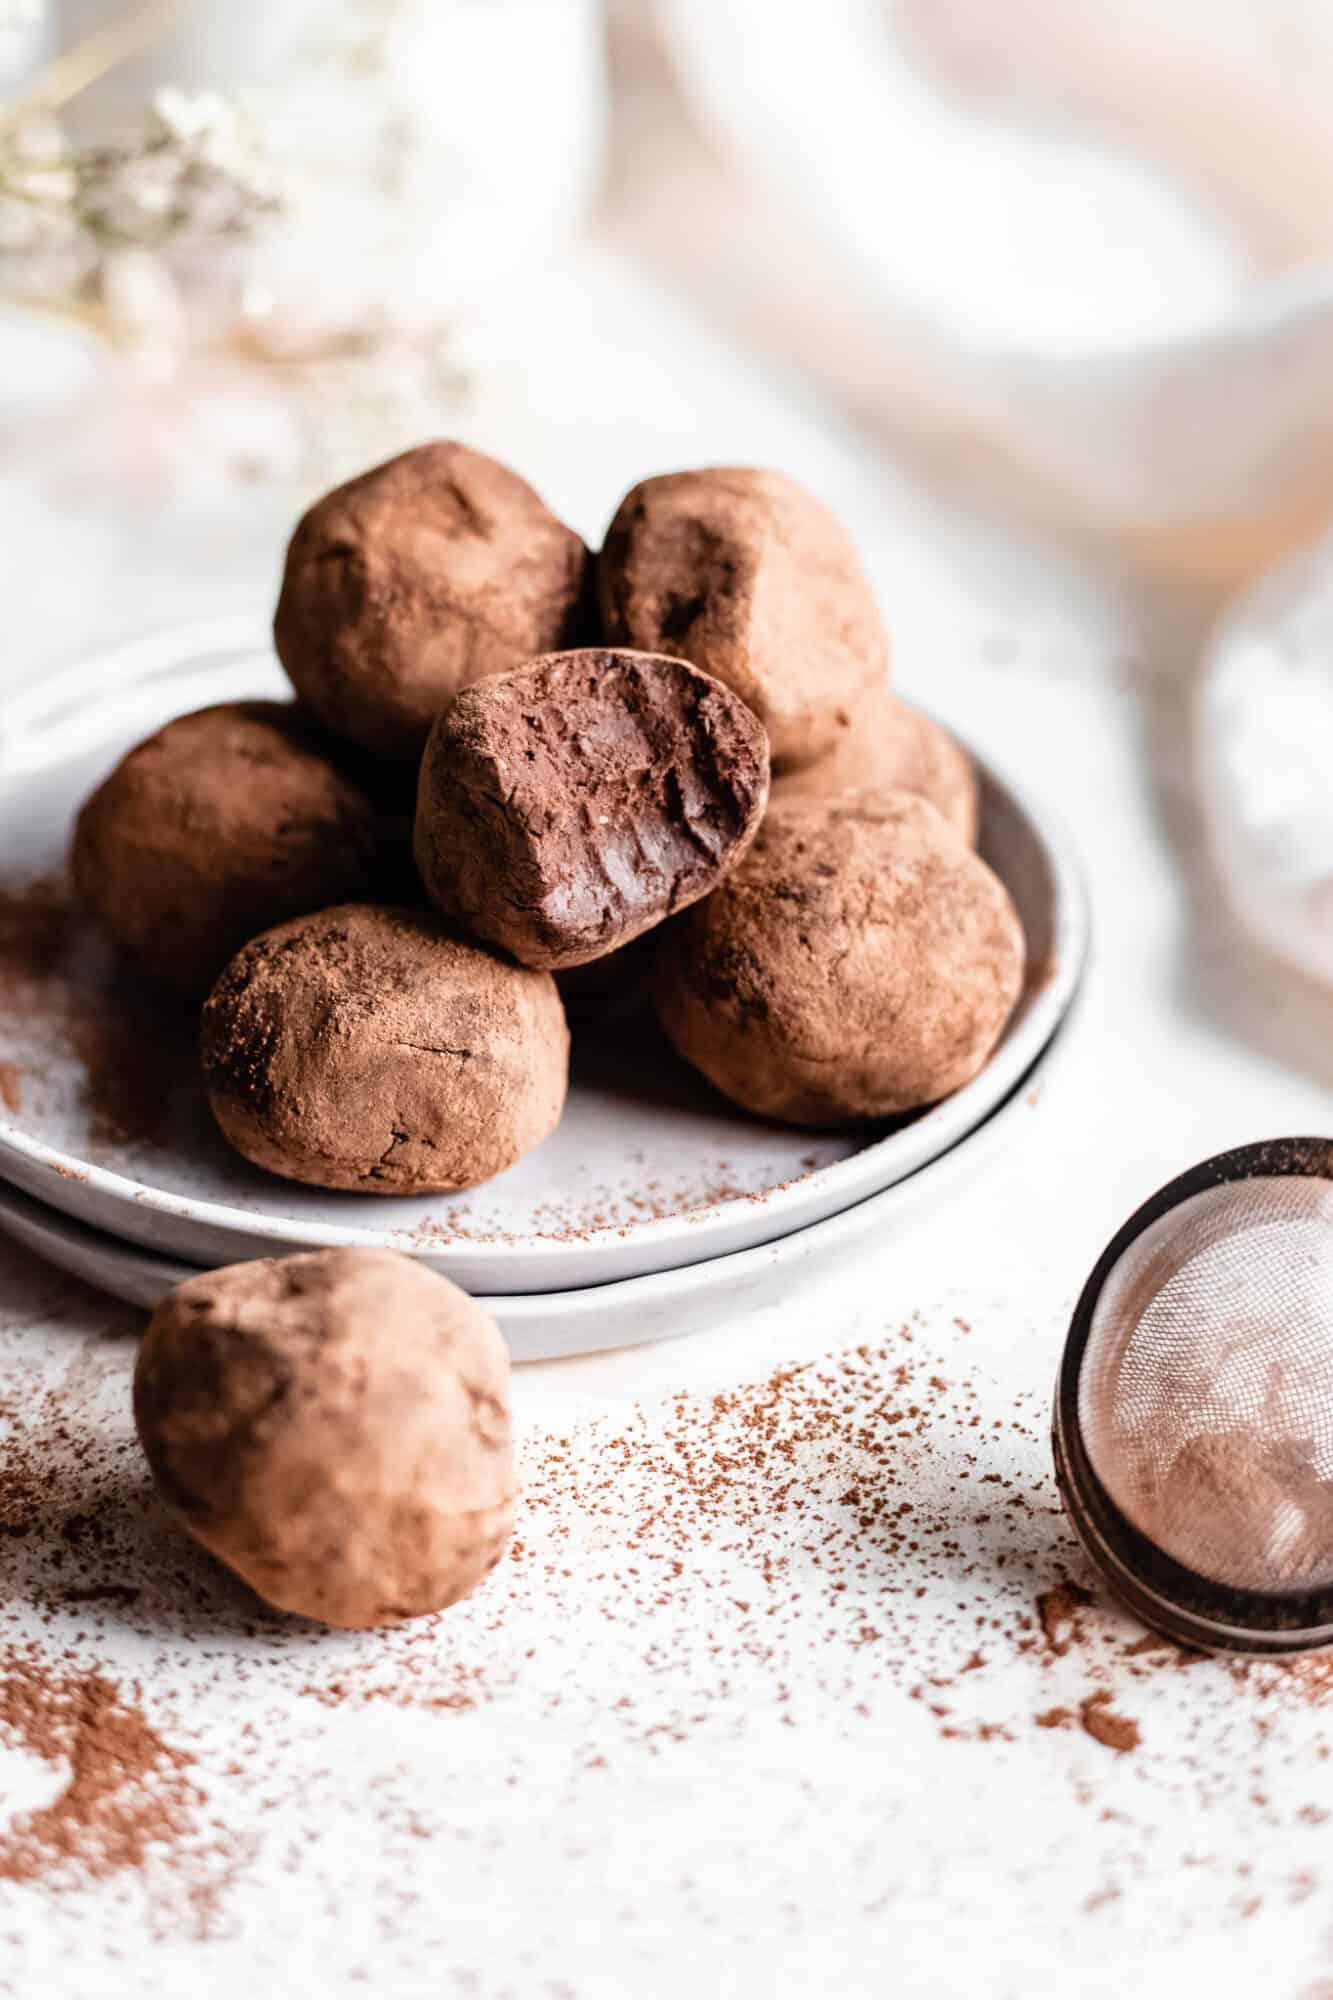 biten vegan chocolate truffle